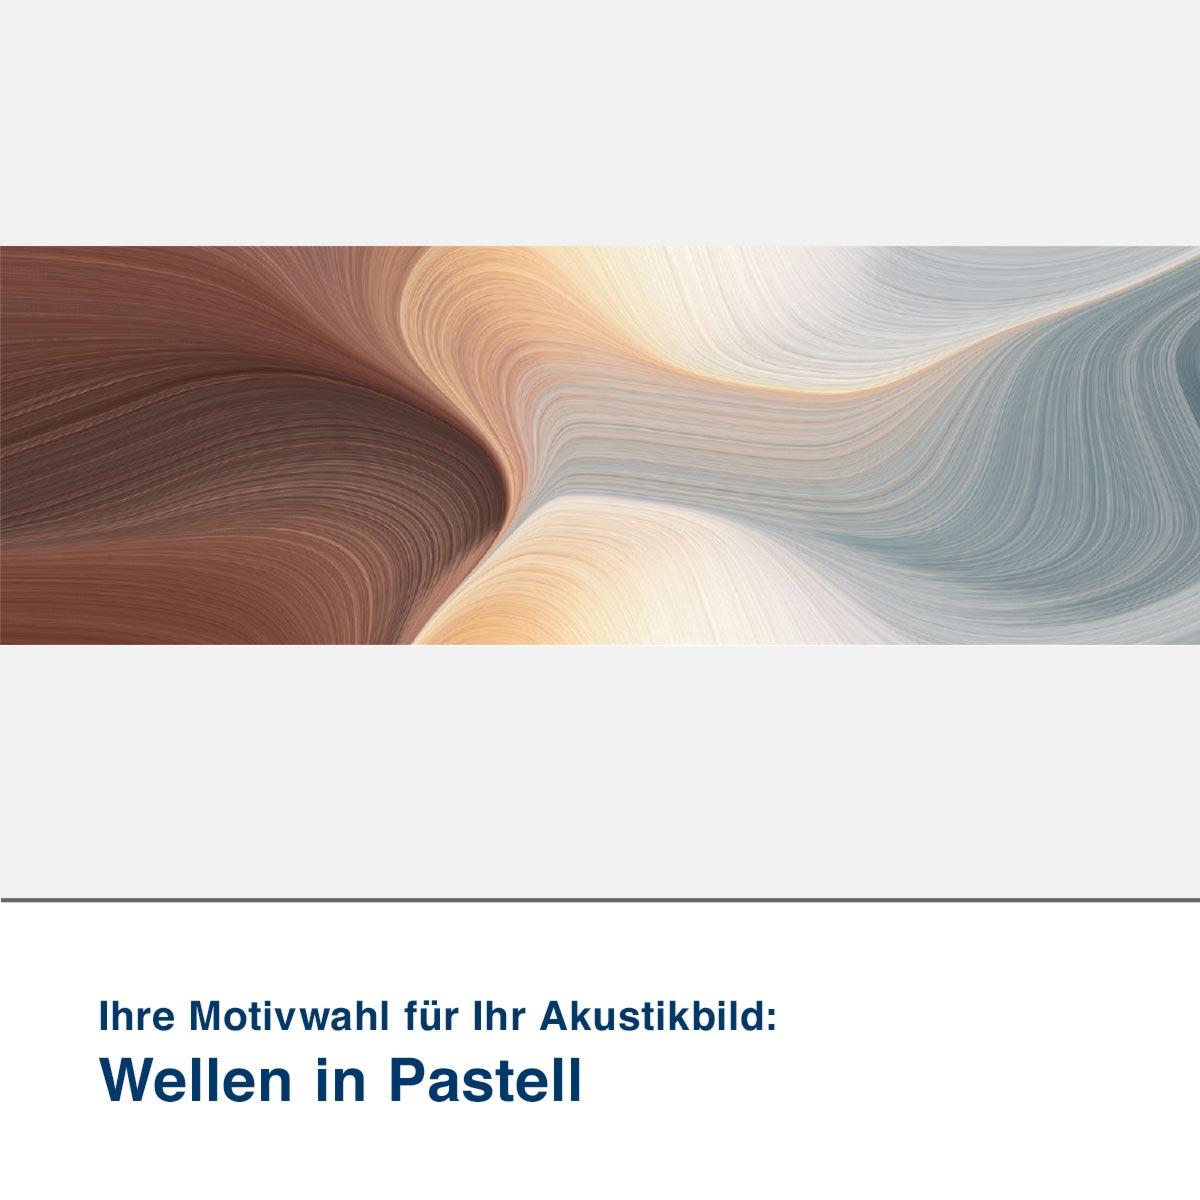 Akustikbild Motiv Wellen in Pastell